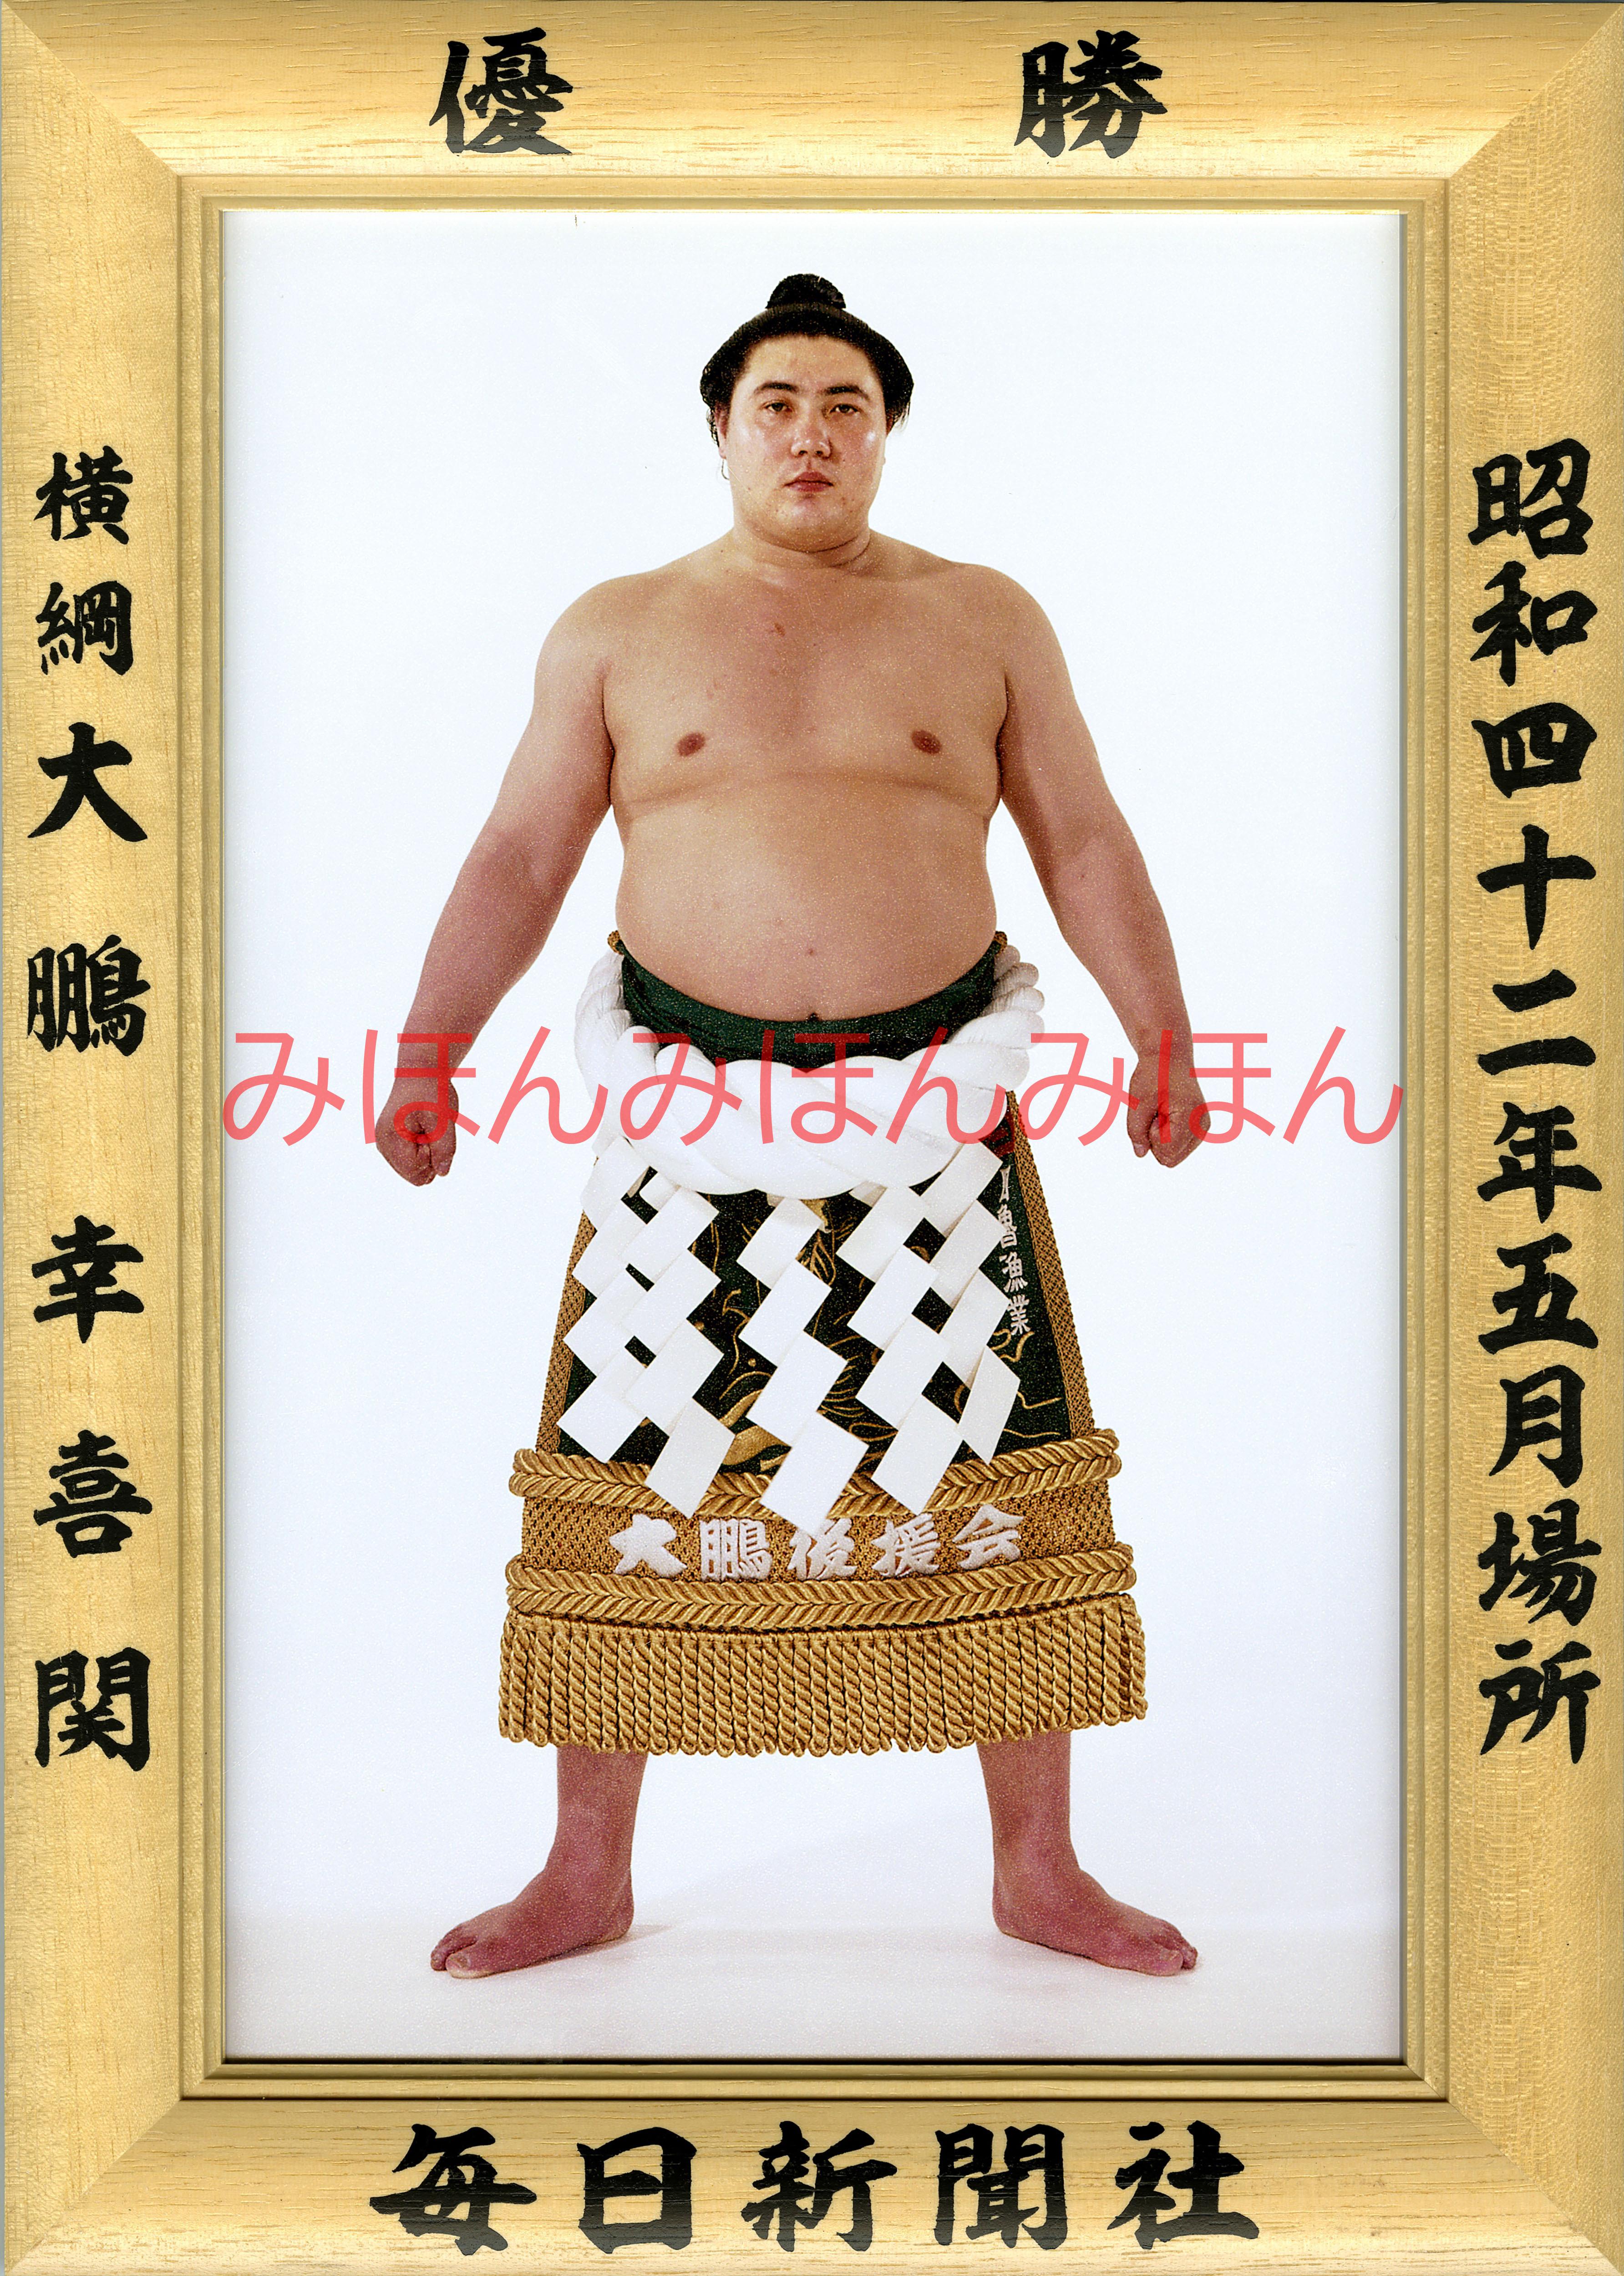 昭和42年5月場所優勝 横綱 大鵬幸喜関(25回目の優勝)